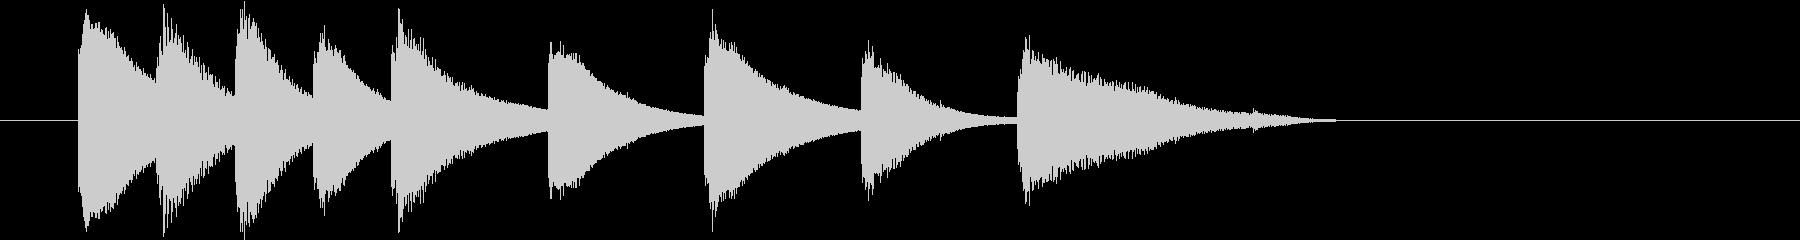 鉄琴のほのぼのとした短めのジングルの未再生の波形